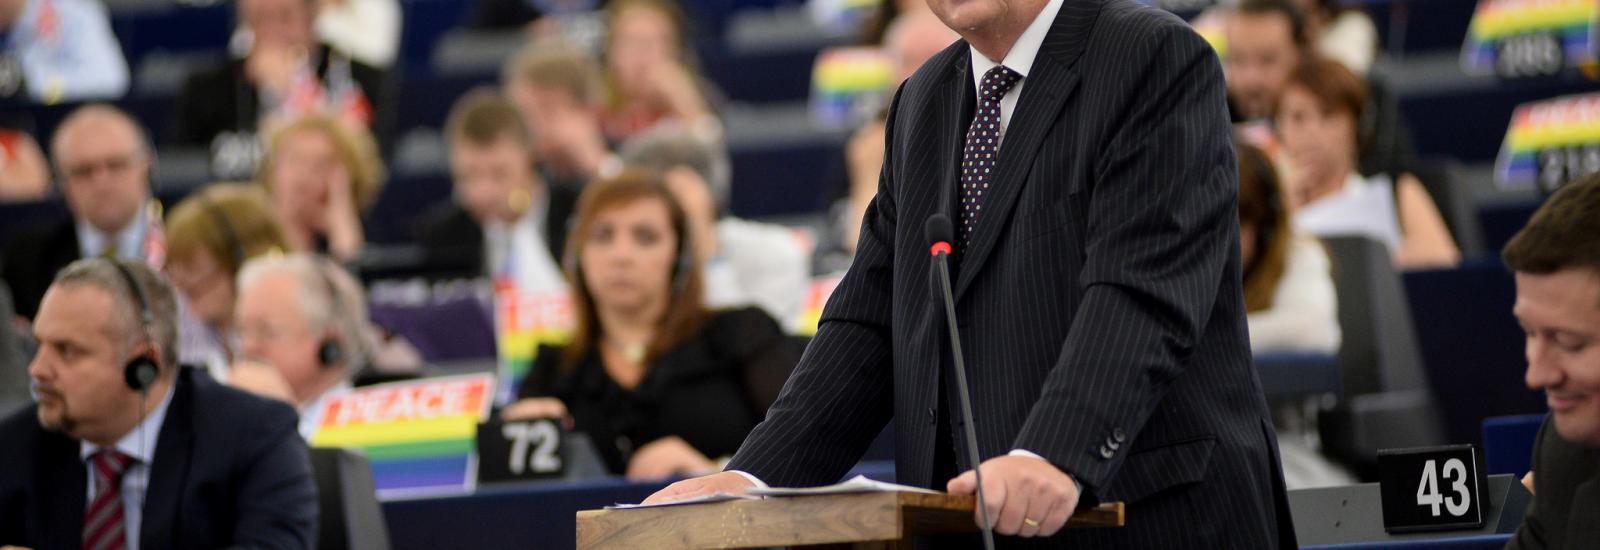 ©CC BY-SA 2.0/European Parliament